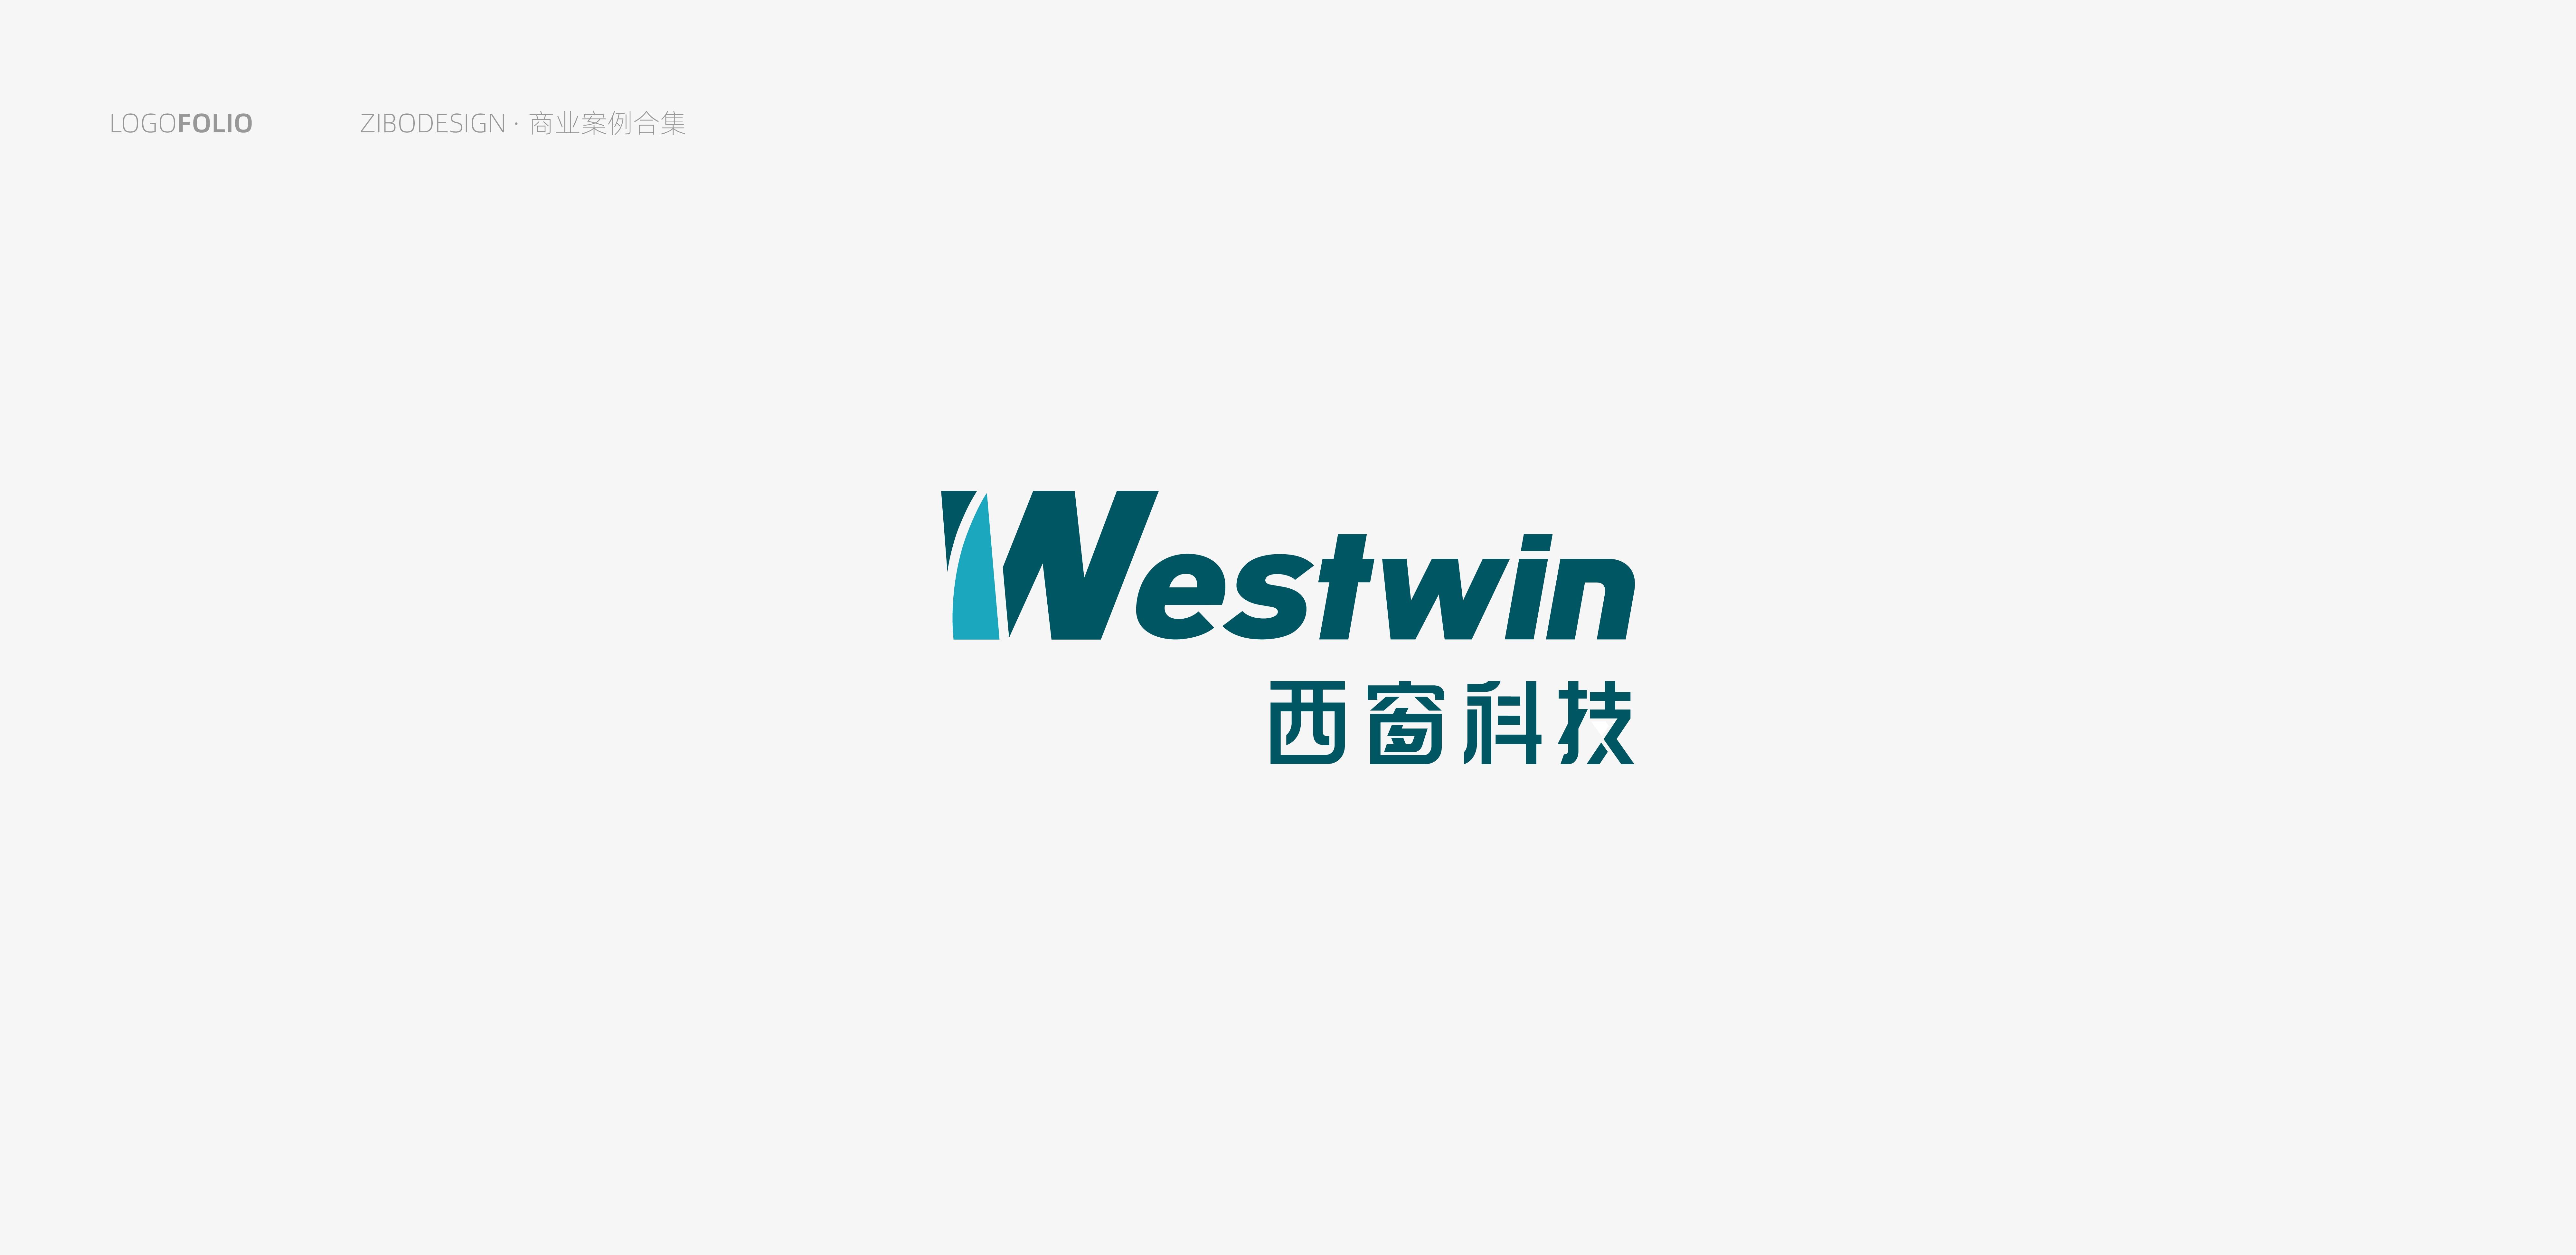 西窗科技logo設計